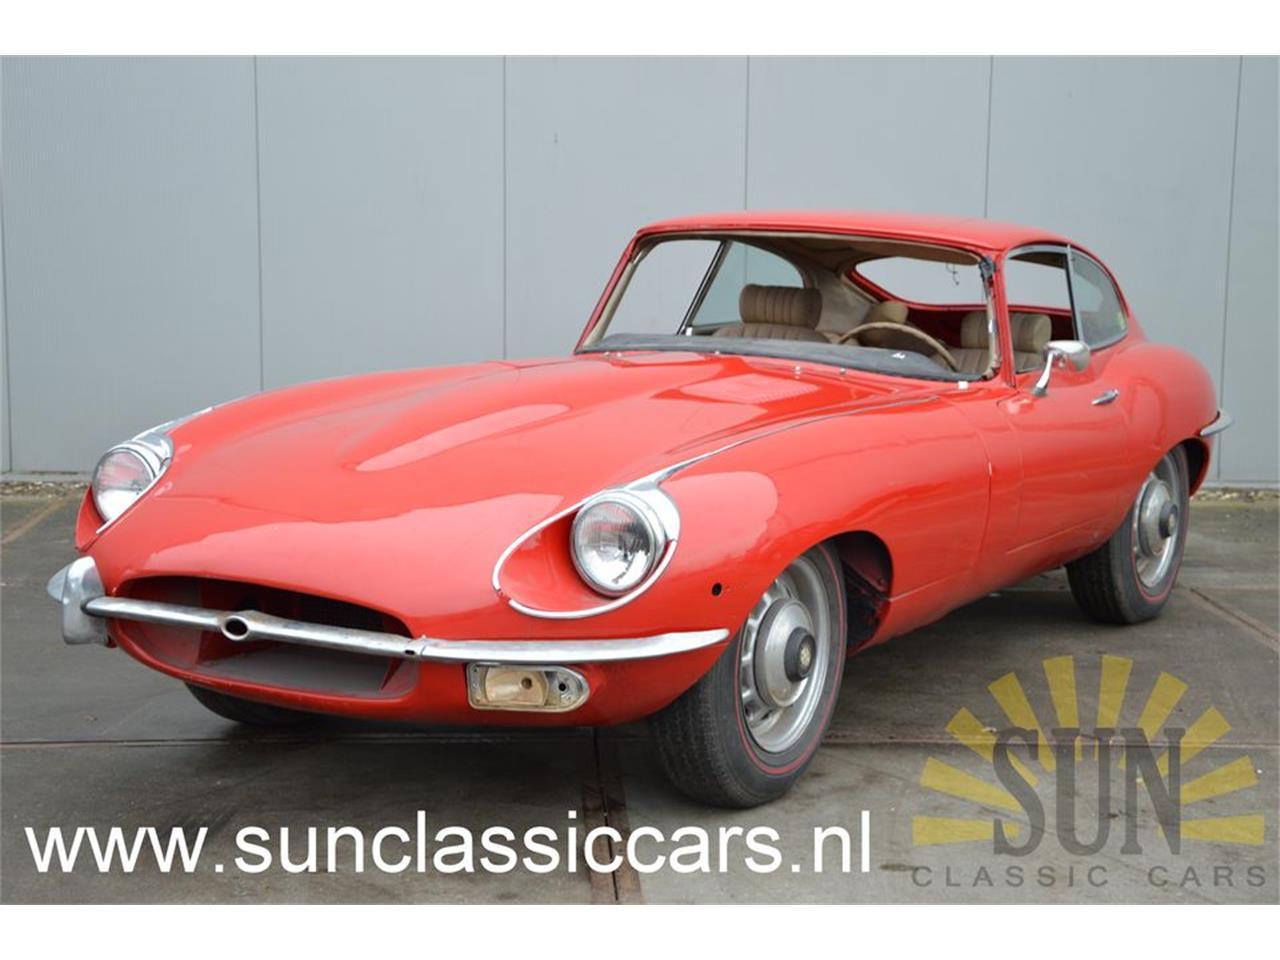 Jaguar E Type For Sale >> 1969 Jaguar E Type For Sale Classiccars Com Cc 1188859